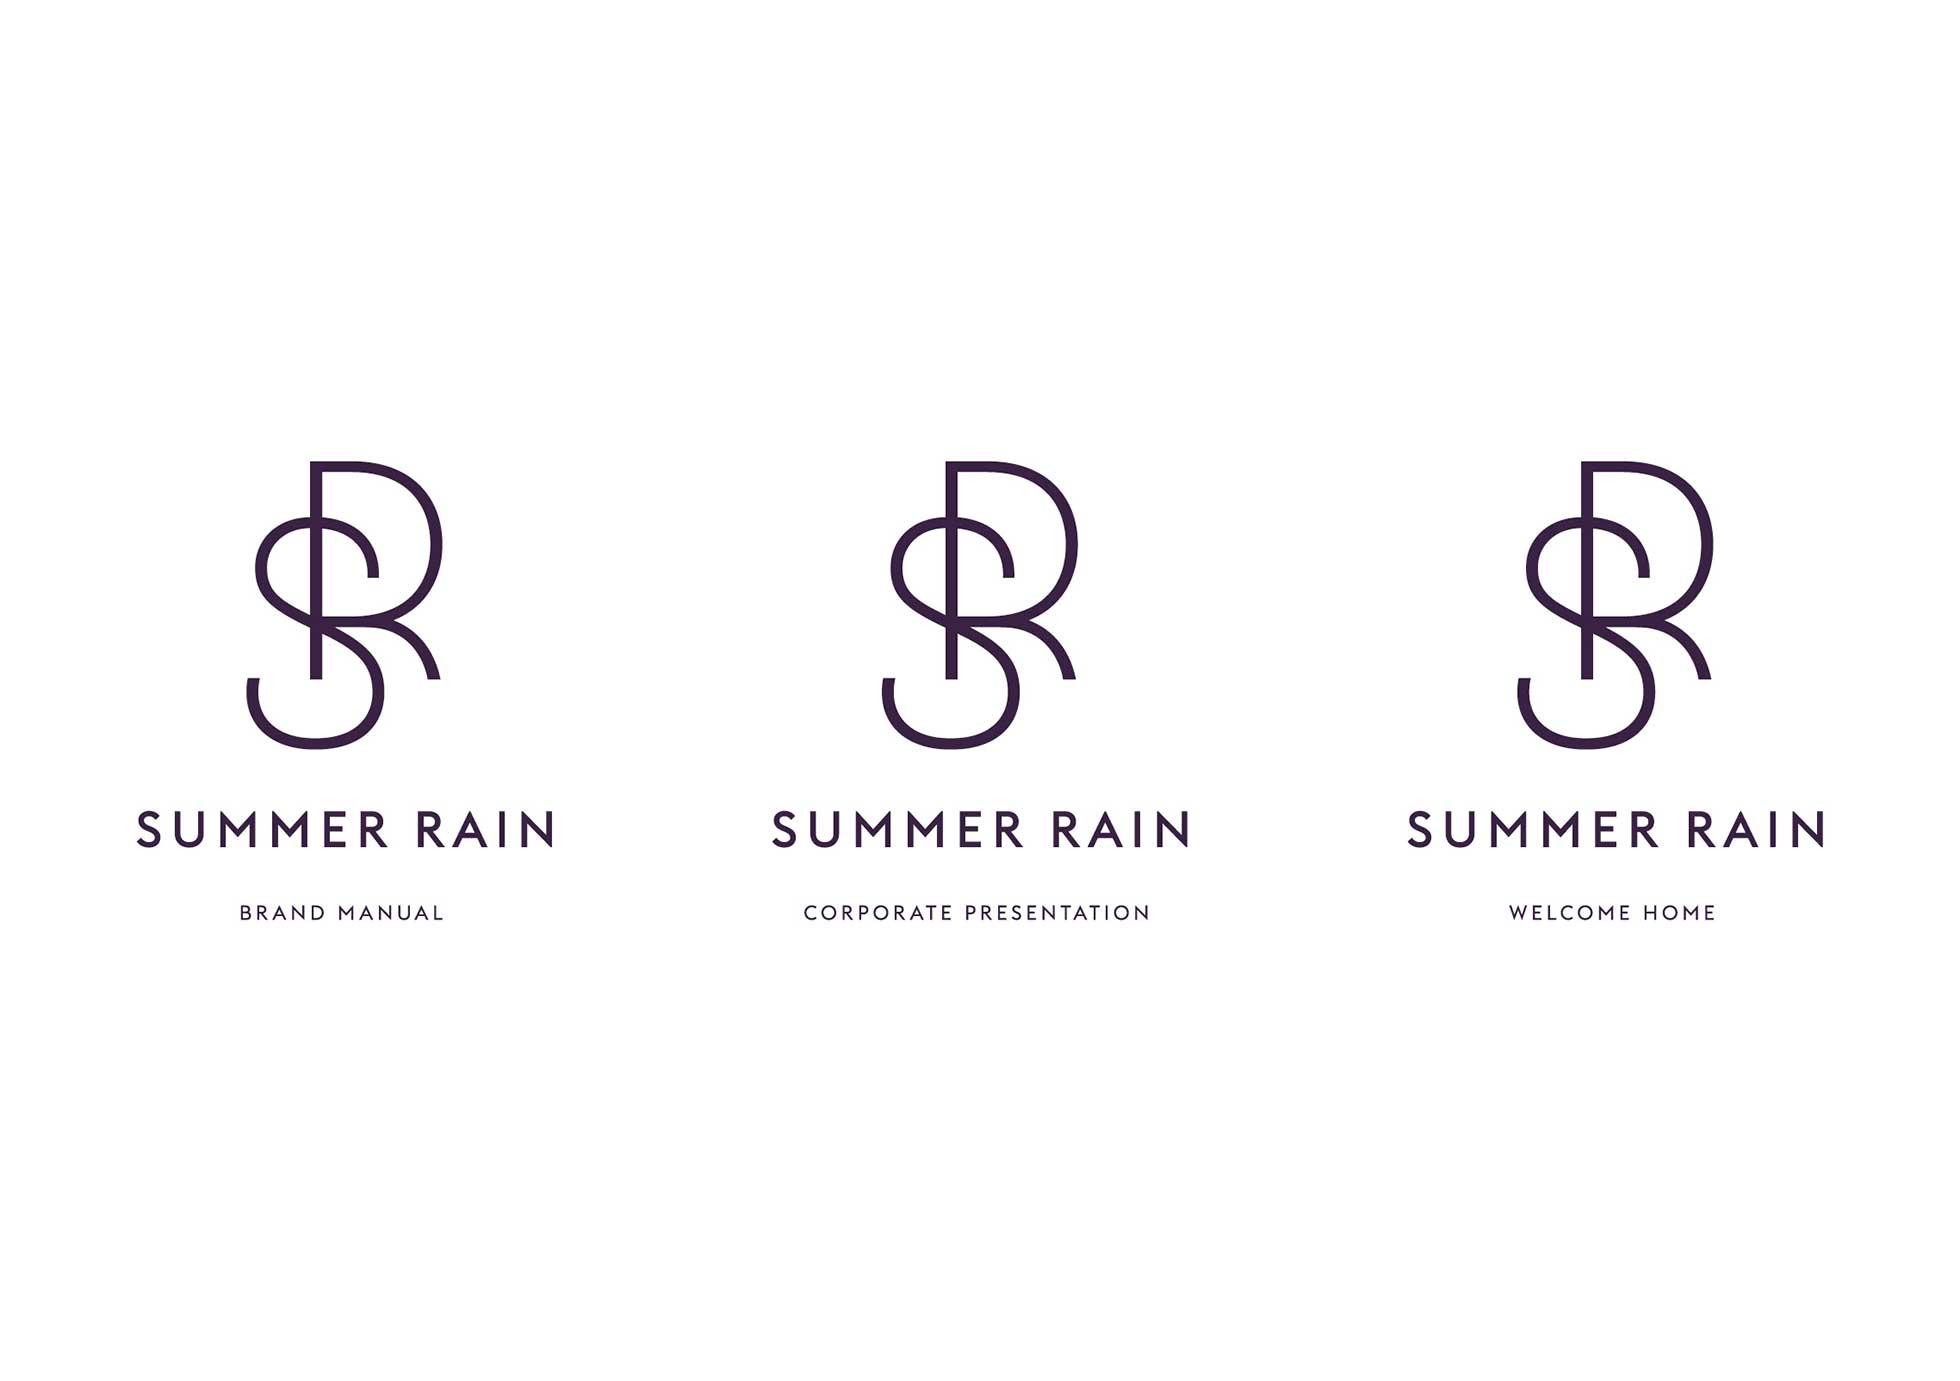 Summer rain logo